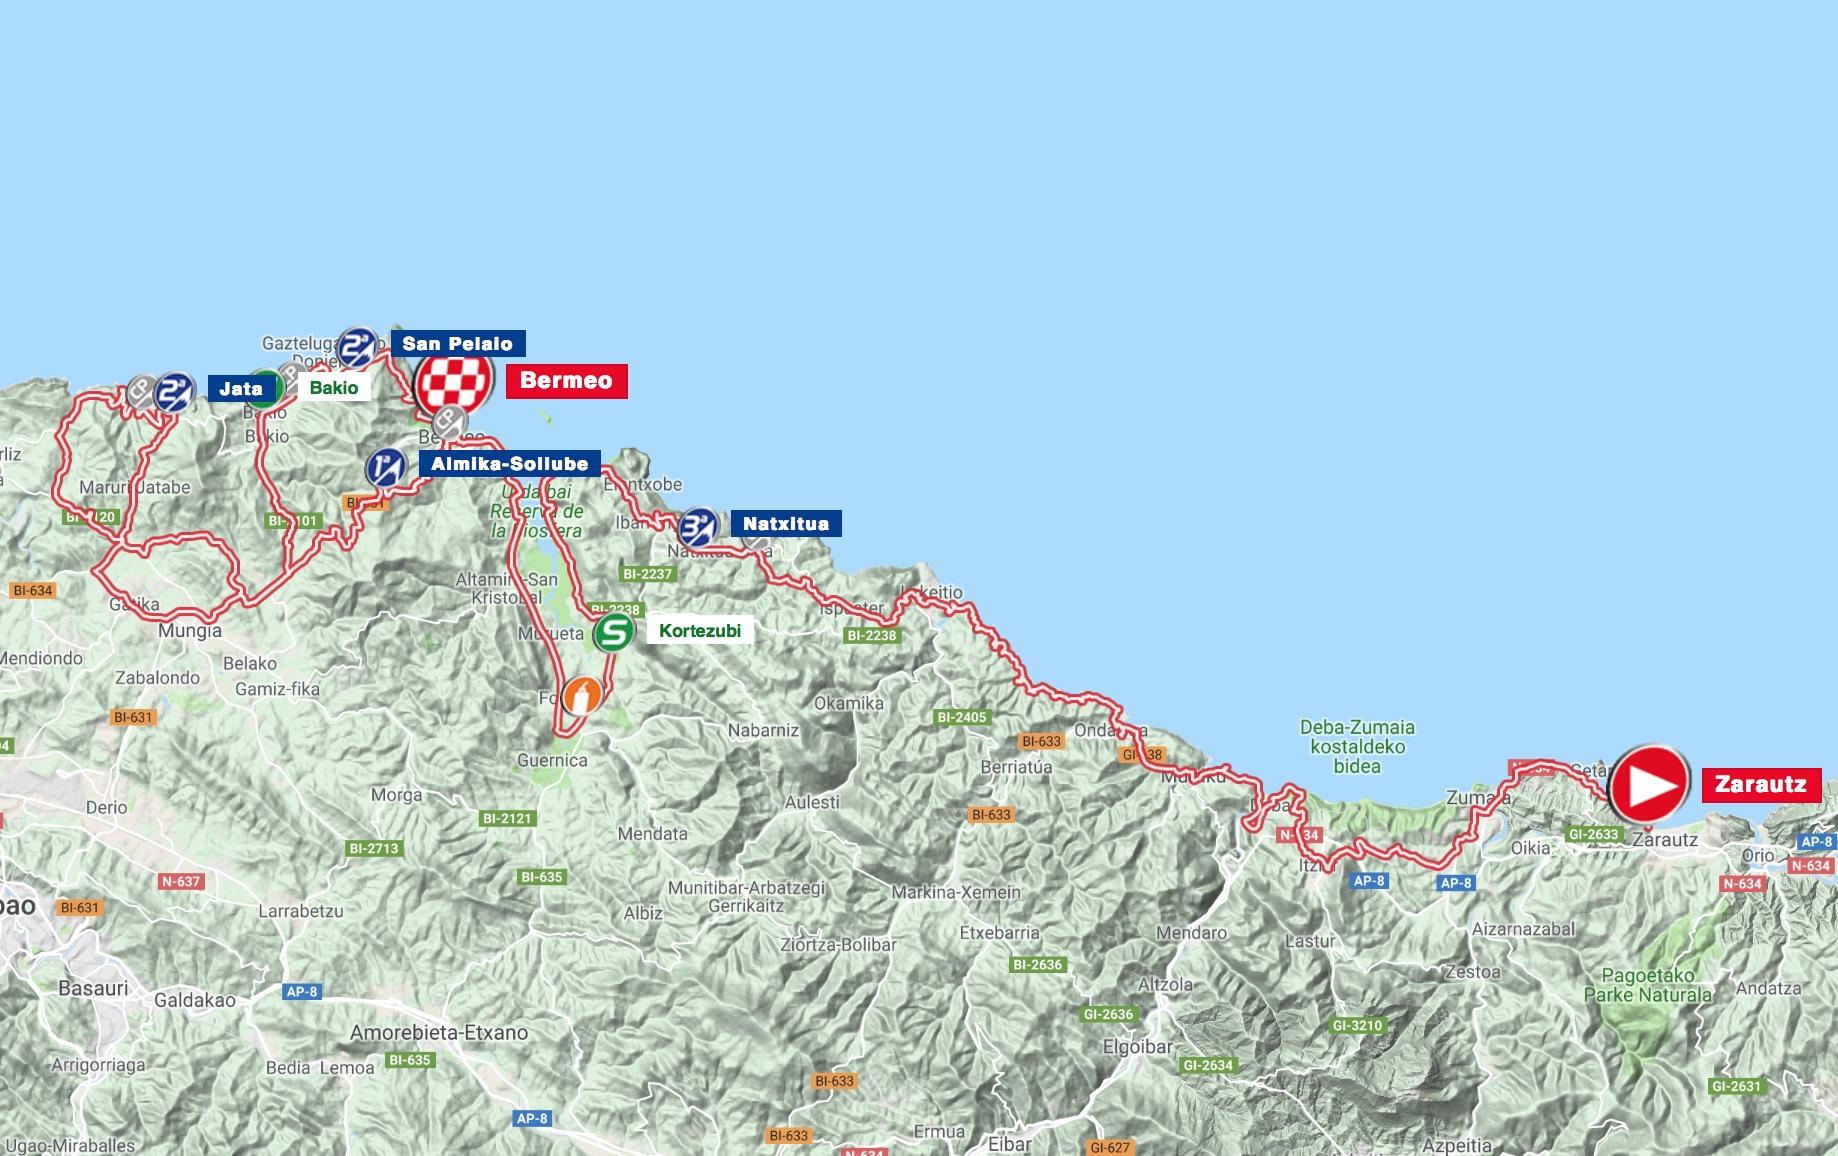 Tour De France Tracker Beta